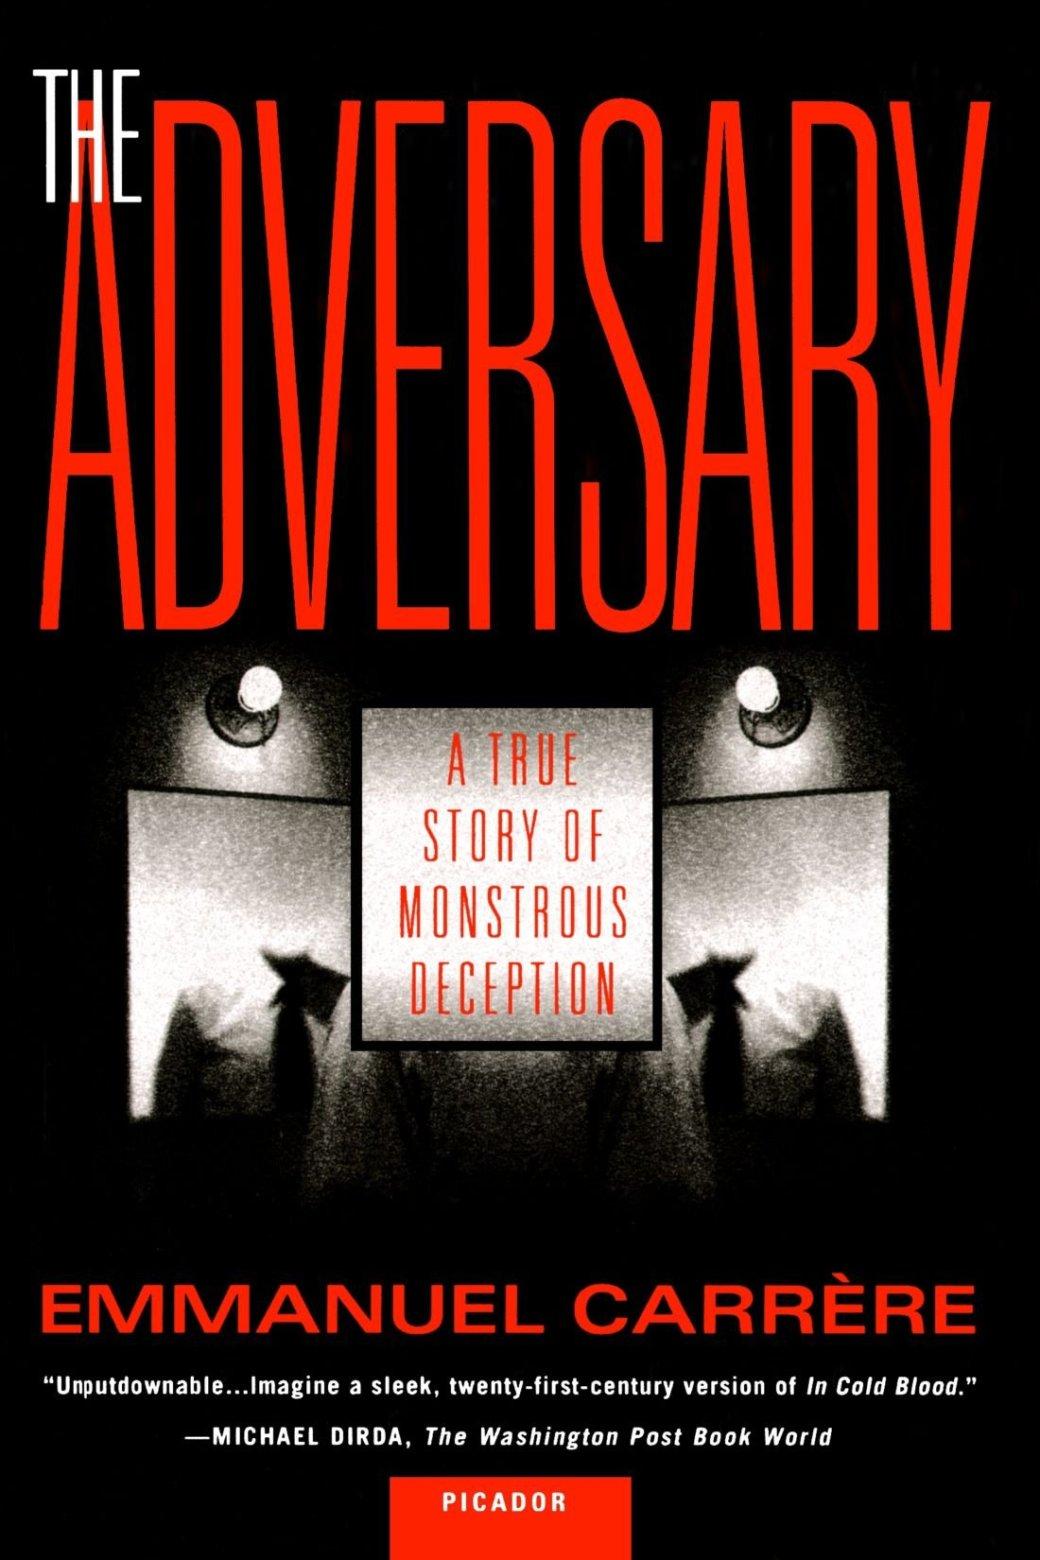 Лучшие книги про маньяков, основанные на реальных событиях - топ романов про серийных убийц | Канобу - Изображение 5